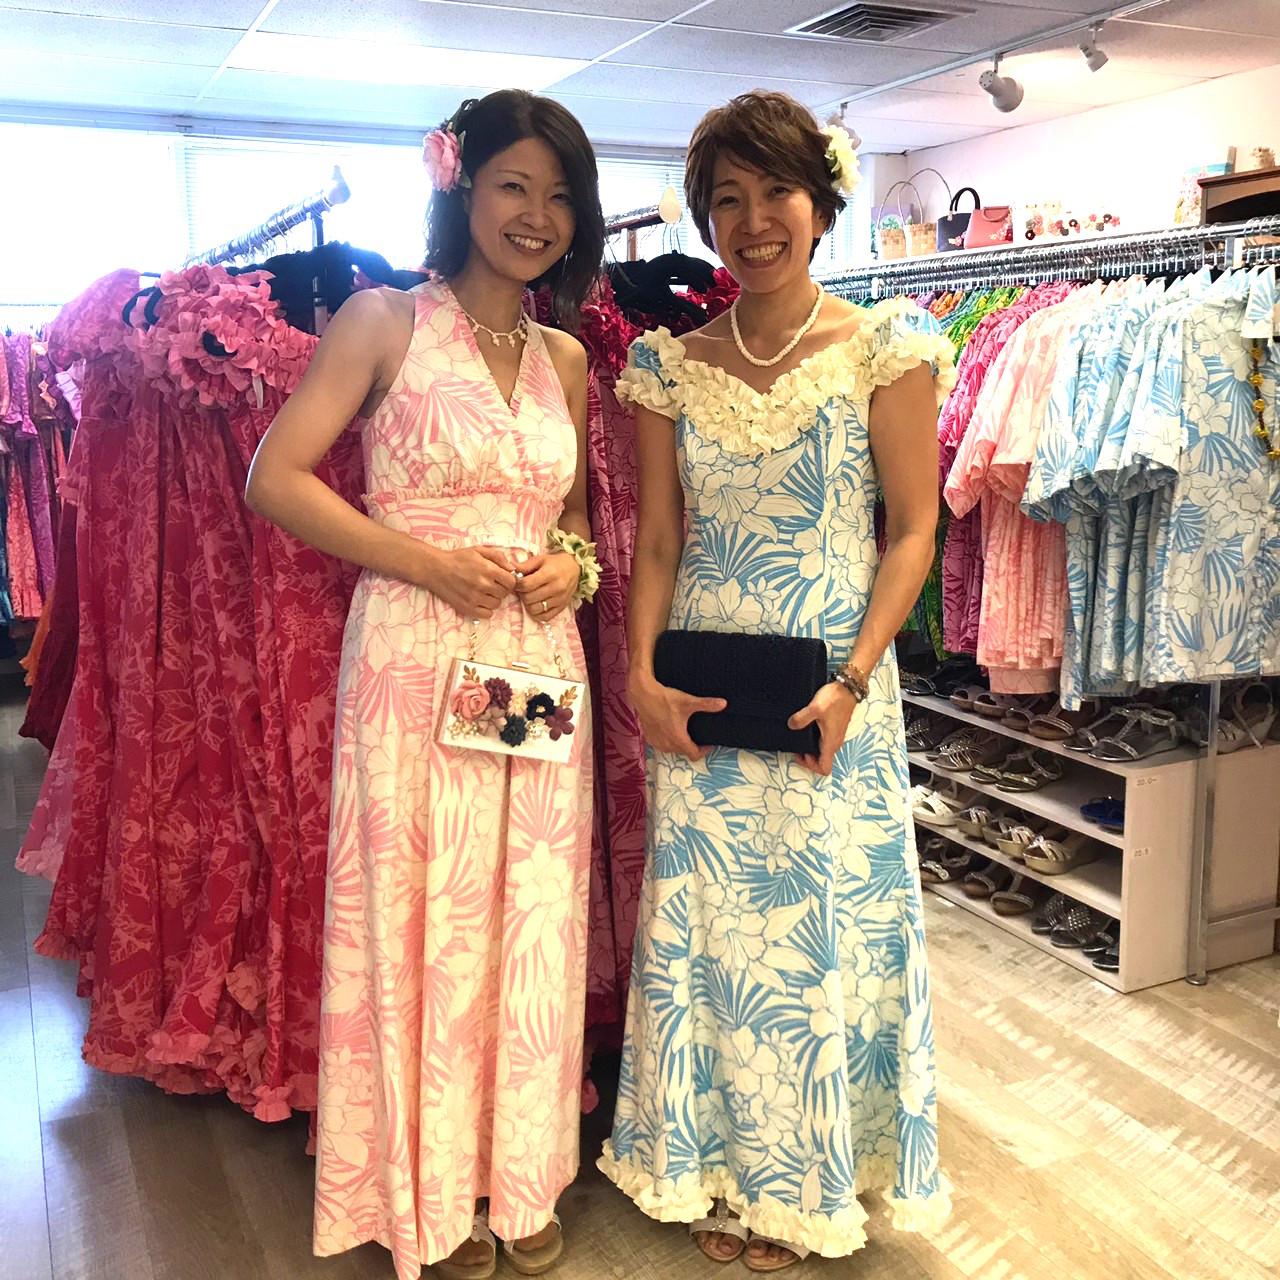 結婚式の参列衣装を楽々レンタル「ムームーレインボー (Muumuu